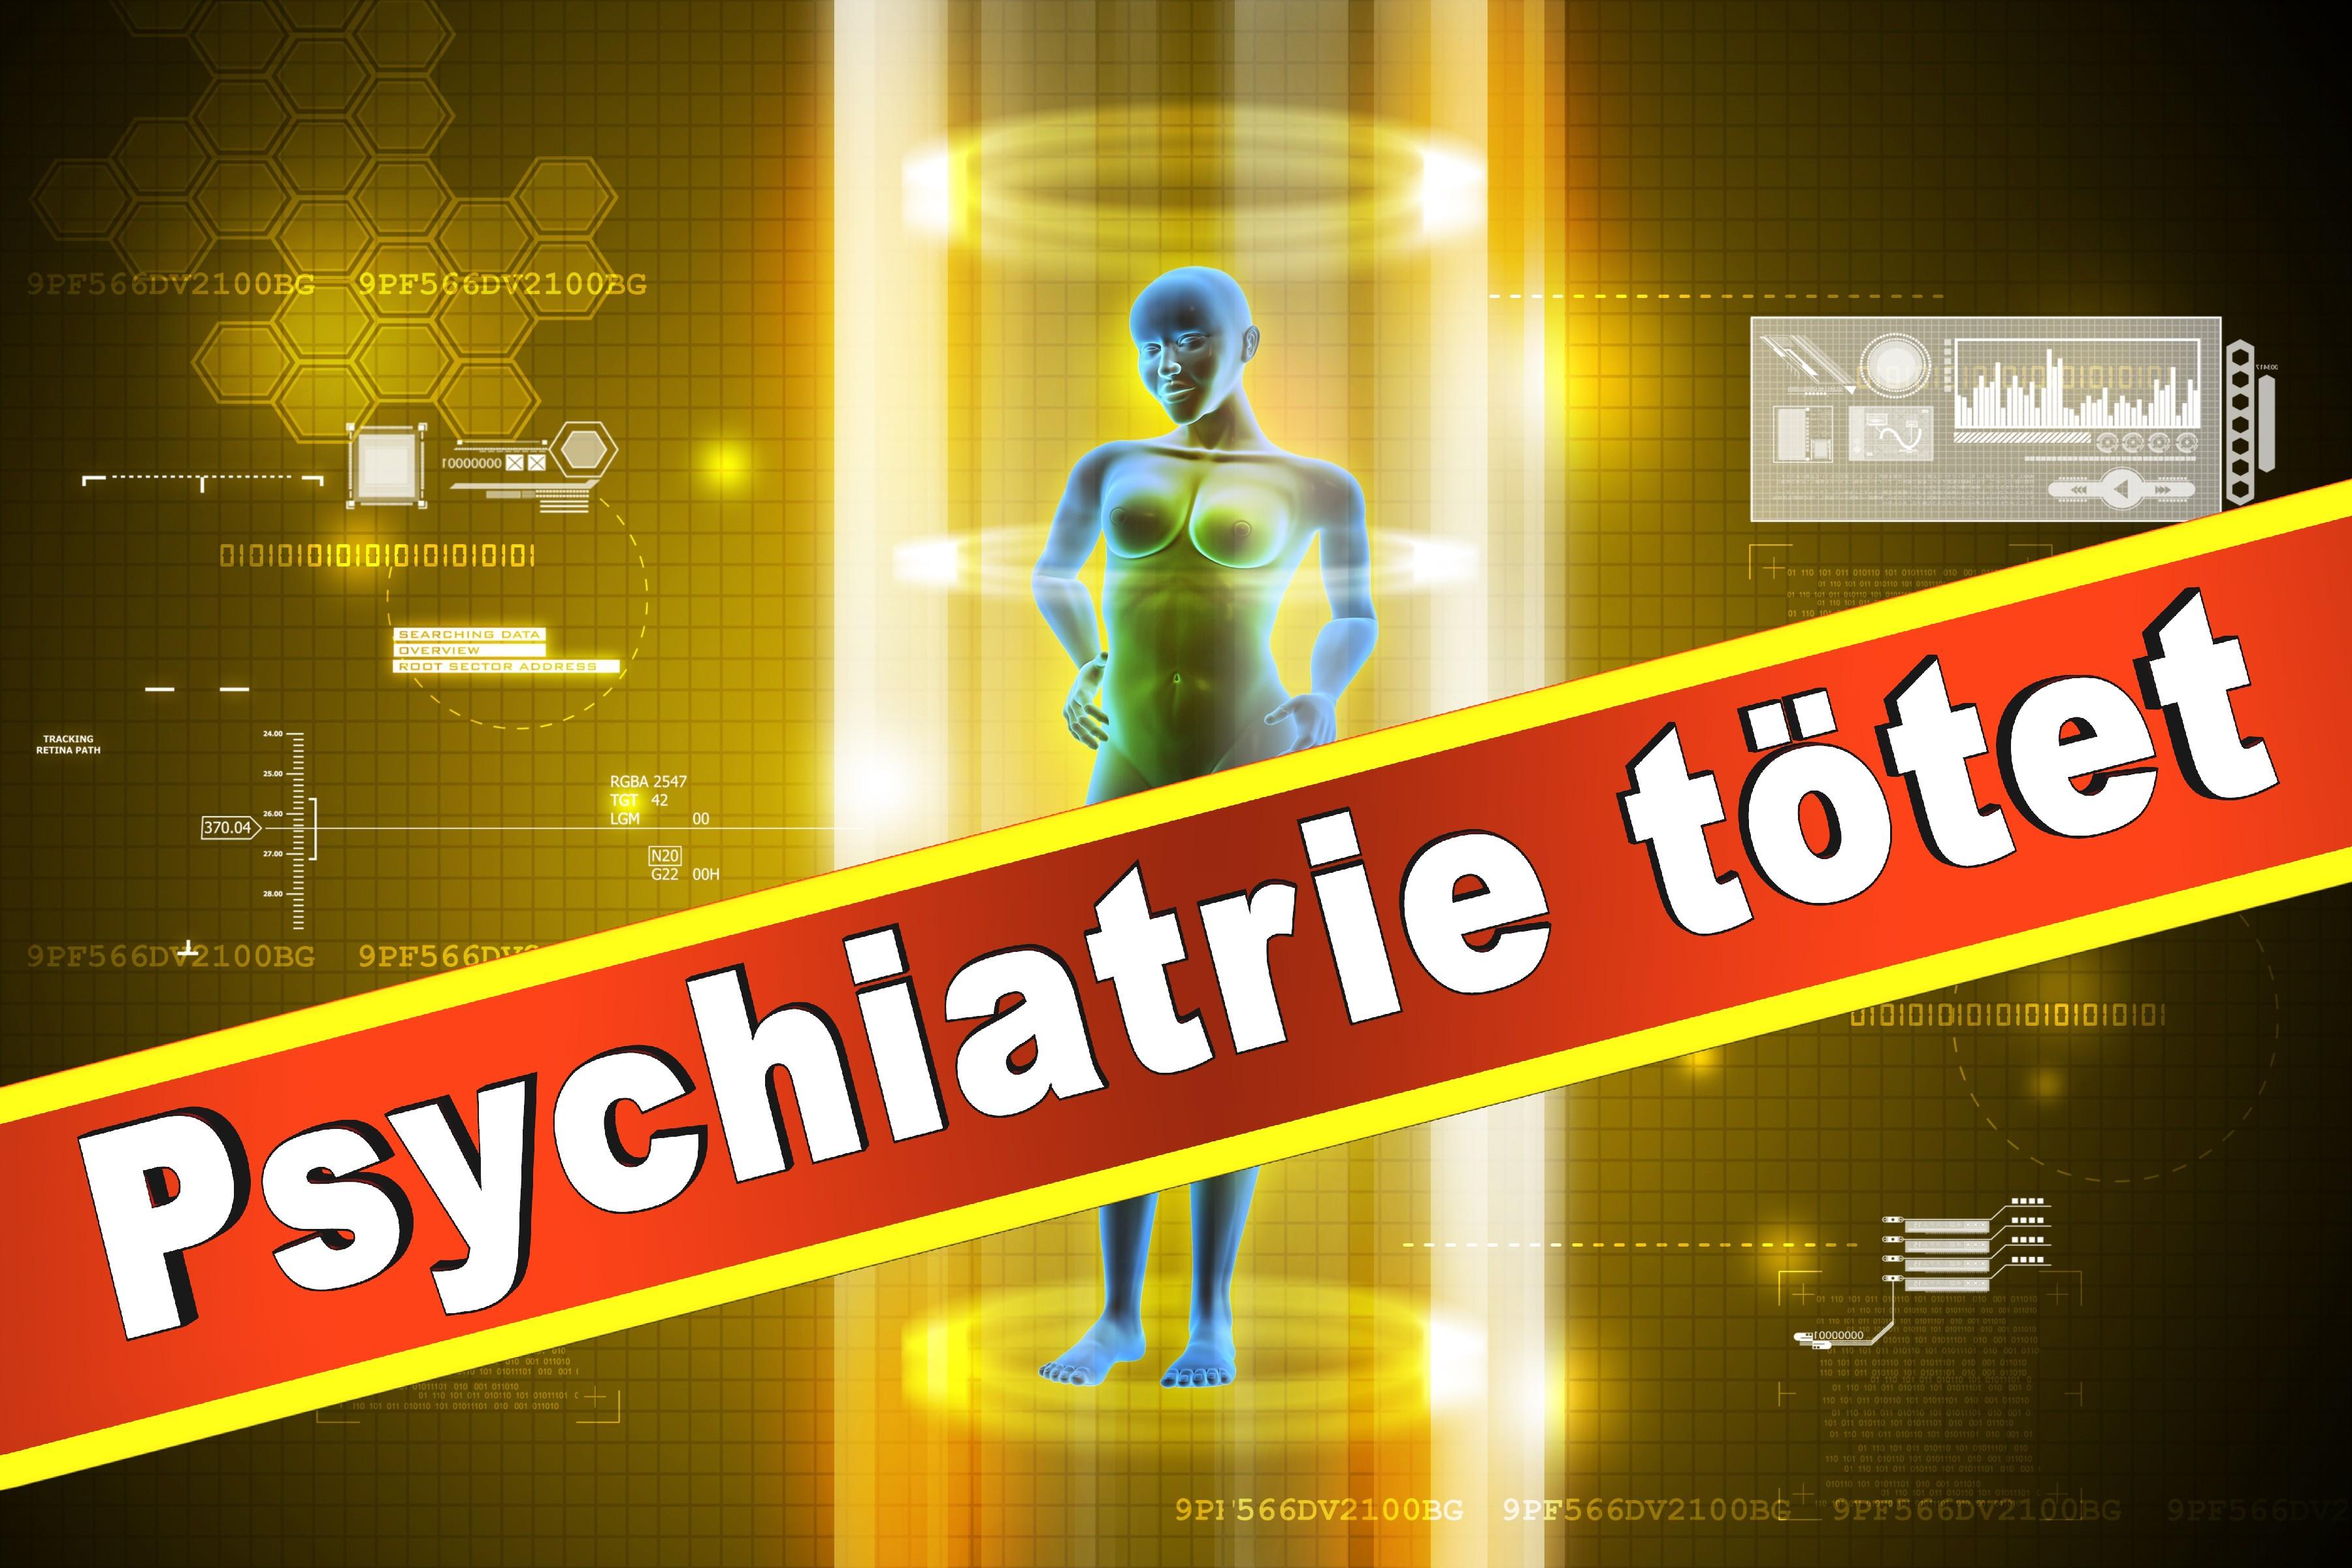 Wielant Machleidt Psychiater Psychotherapeut Professor Praxis Der Interkulturellen Psychiatrie Und Psychotherapie (22)